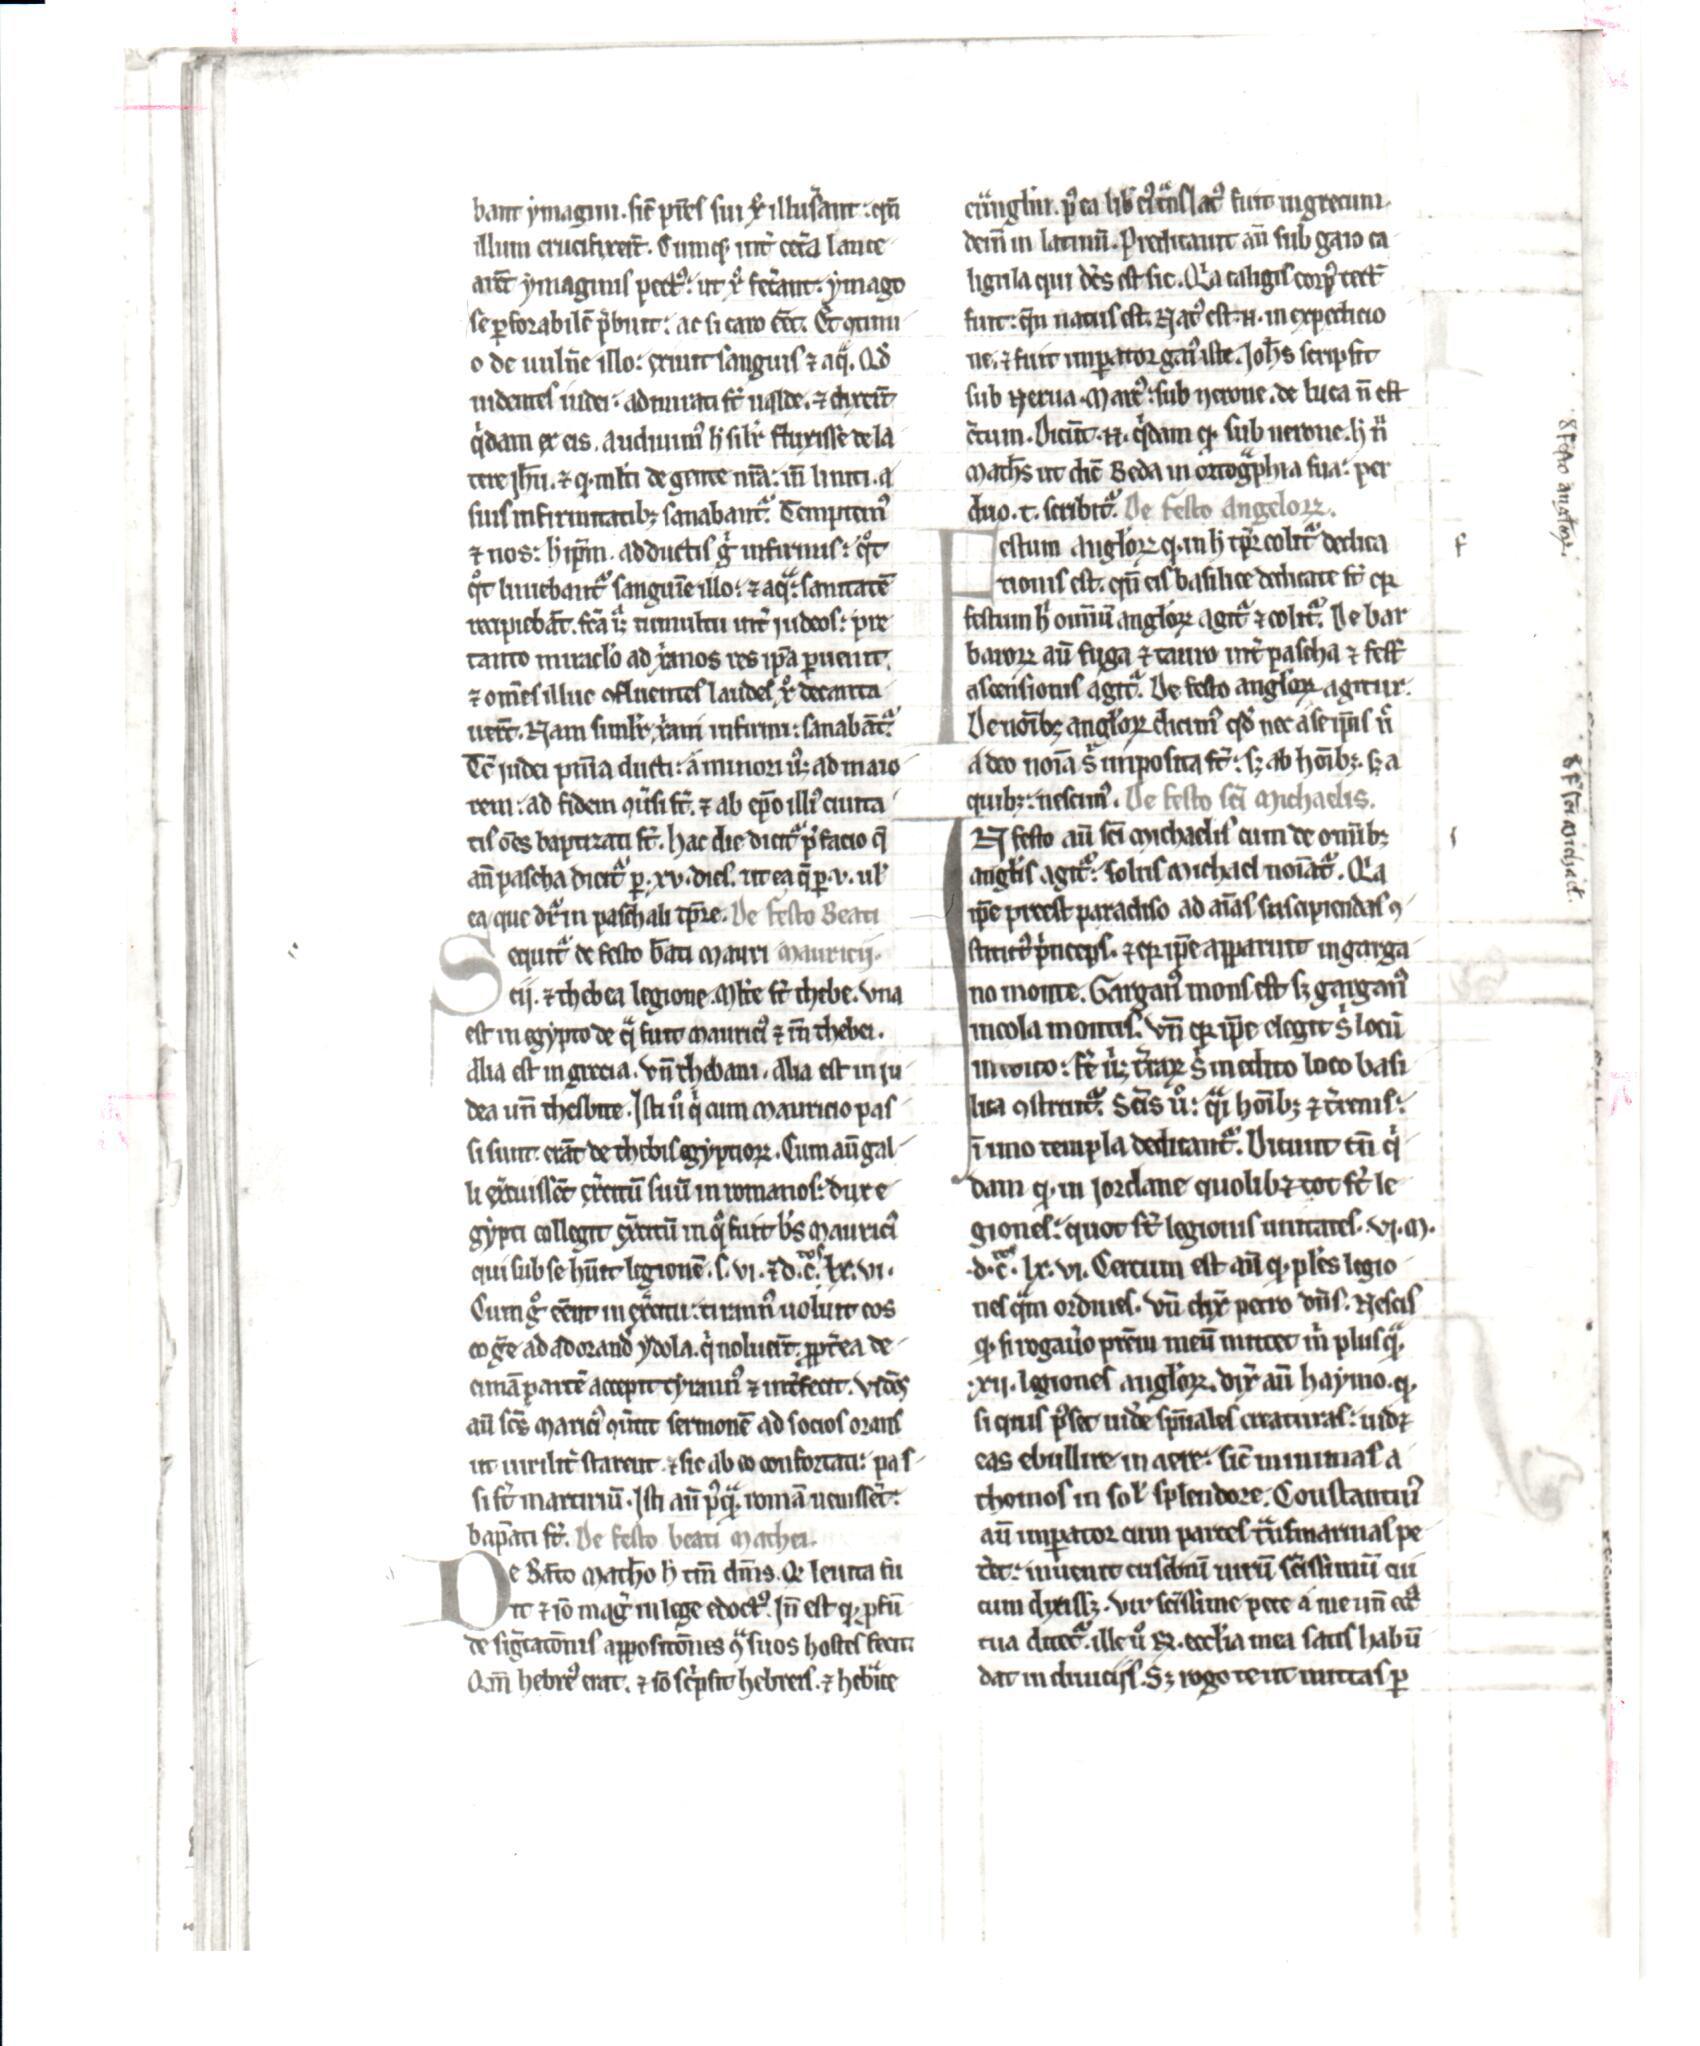 37. Beinecke MS 315, f. 117v